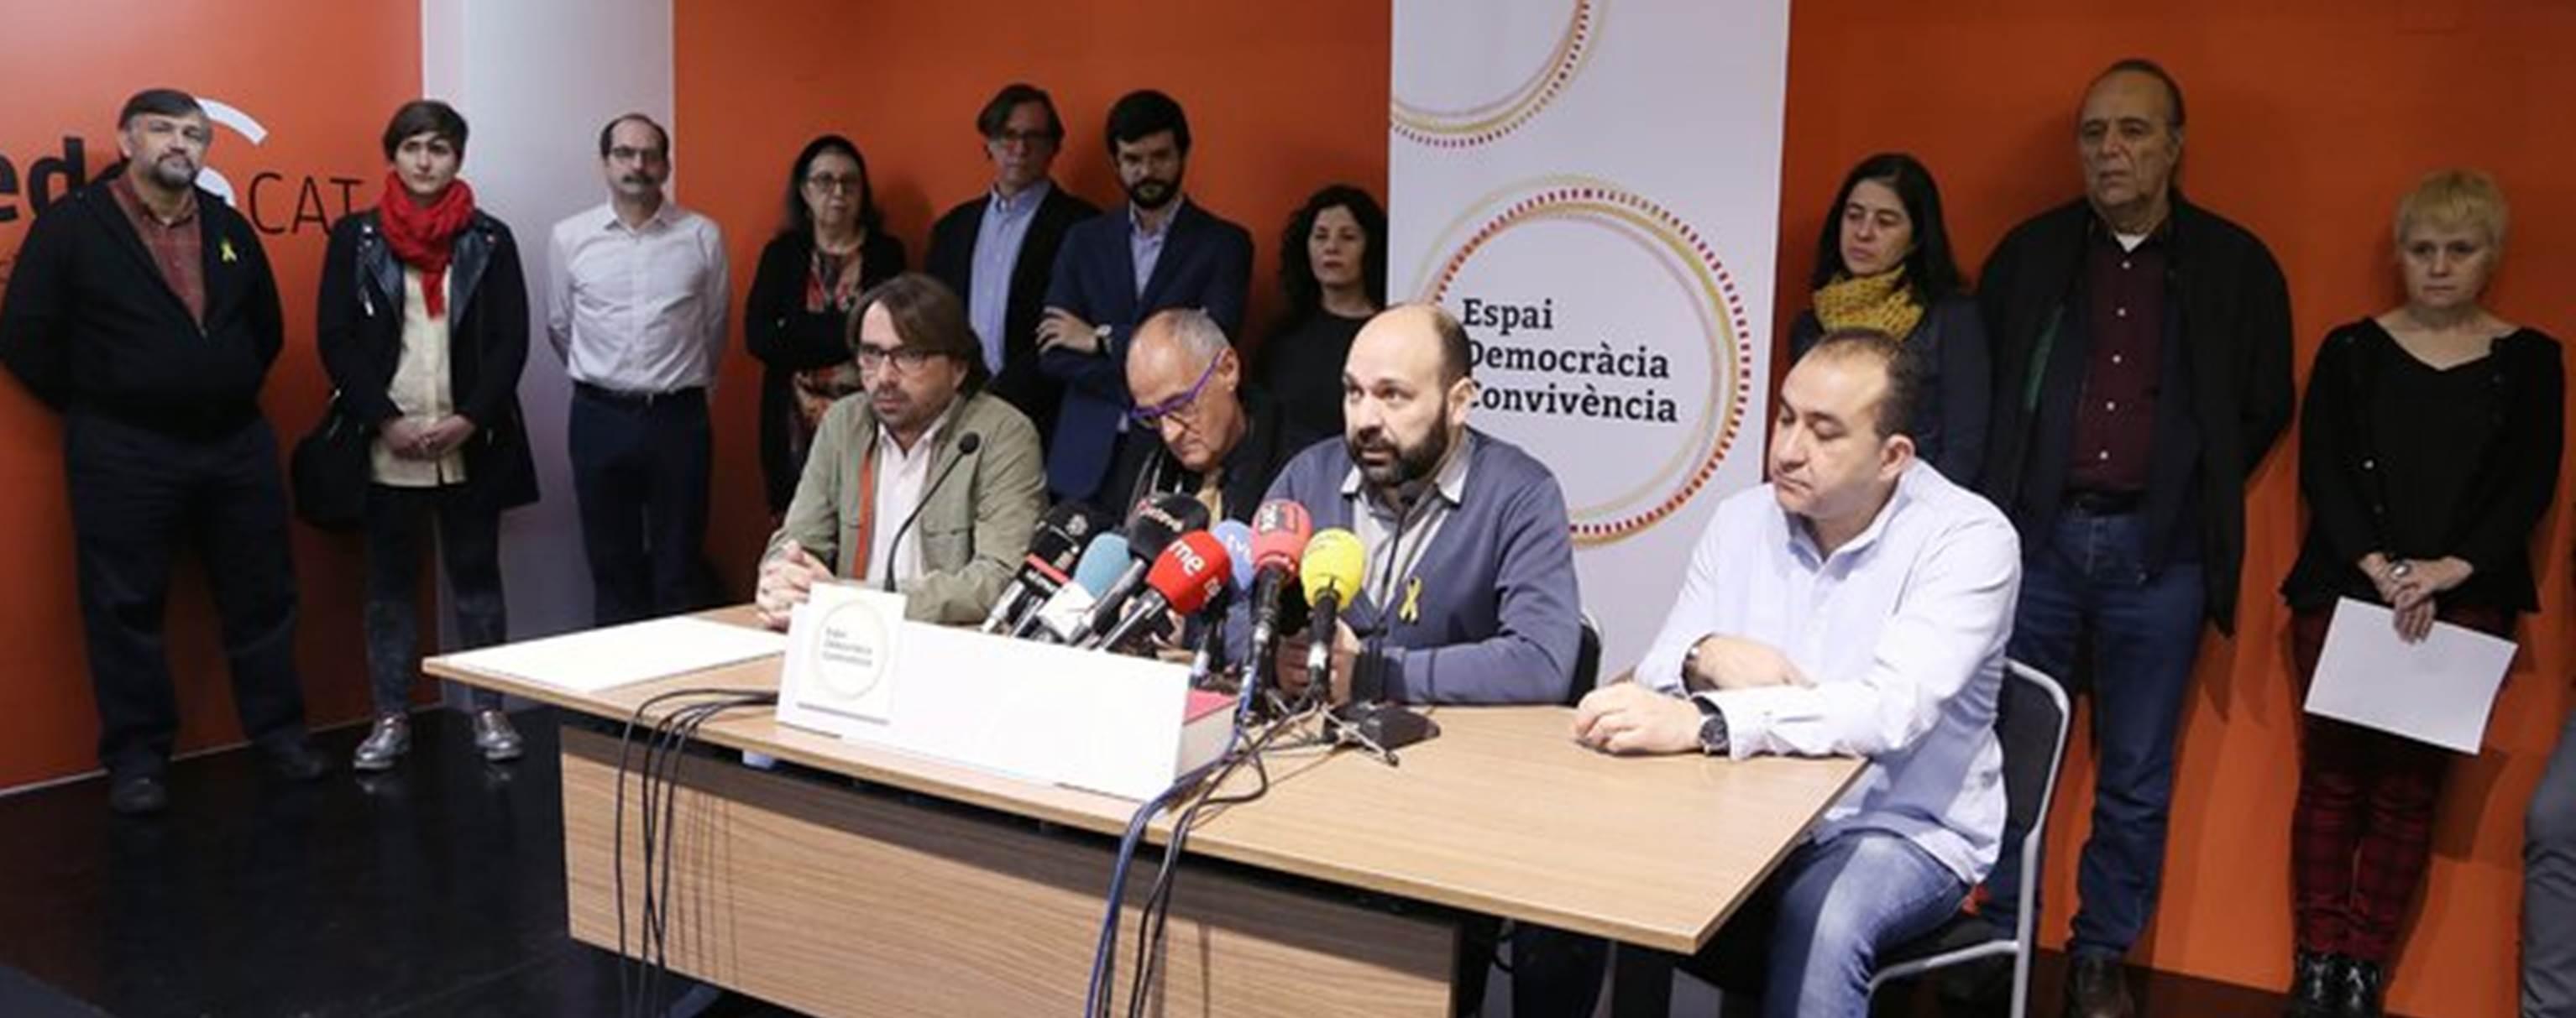 L'ACPC s'adhereix a la plataforma 'Espai Democràcia i Convivència'